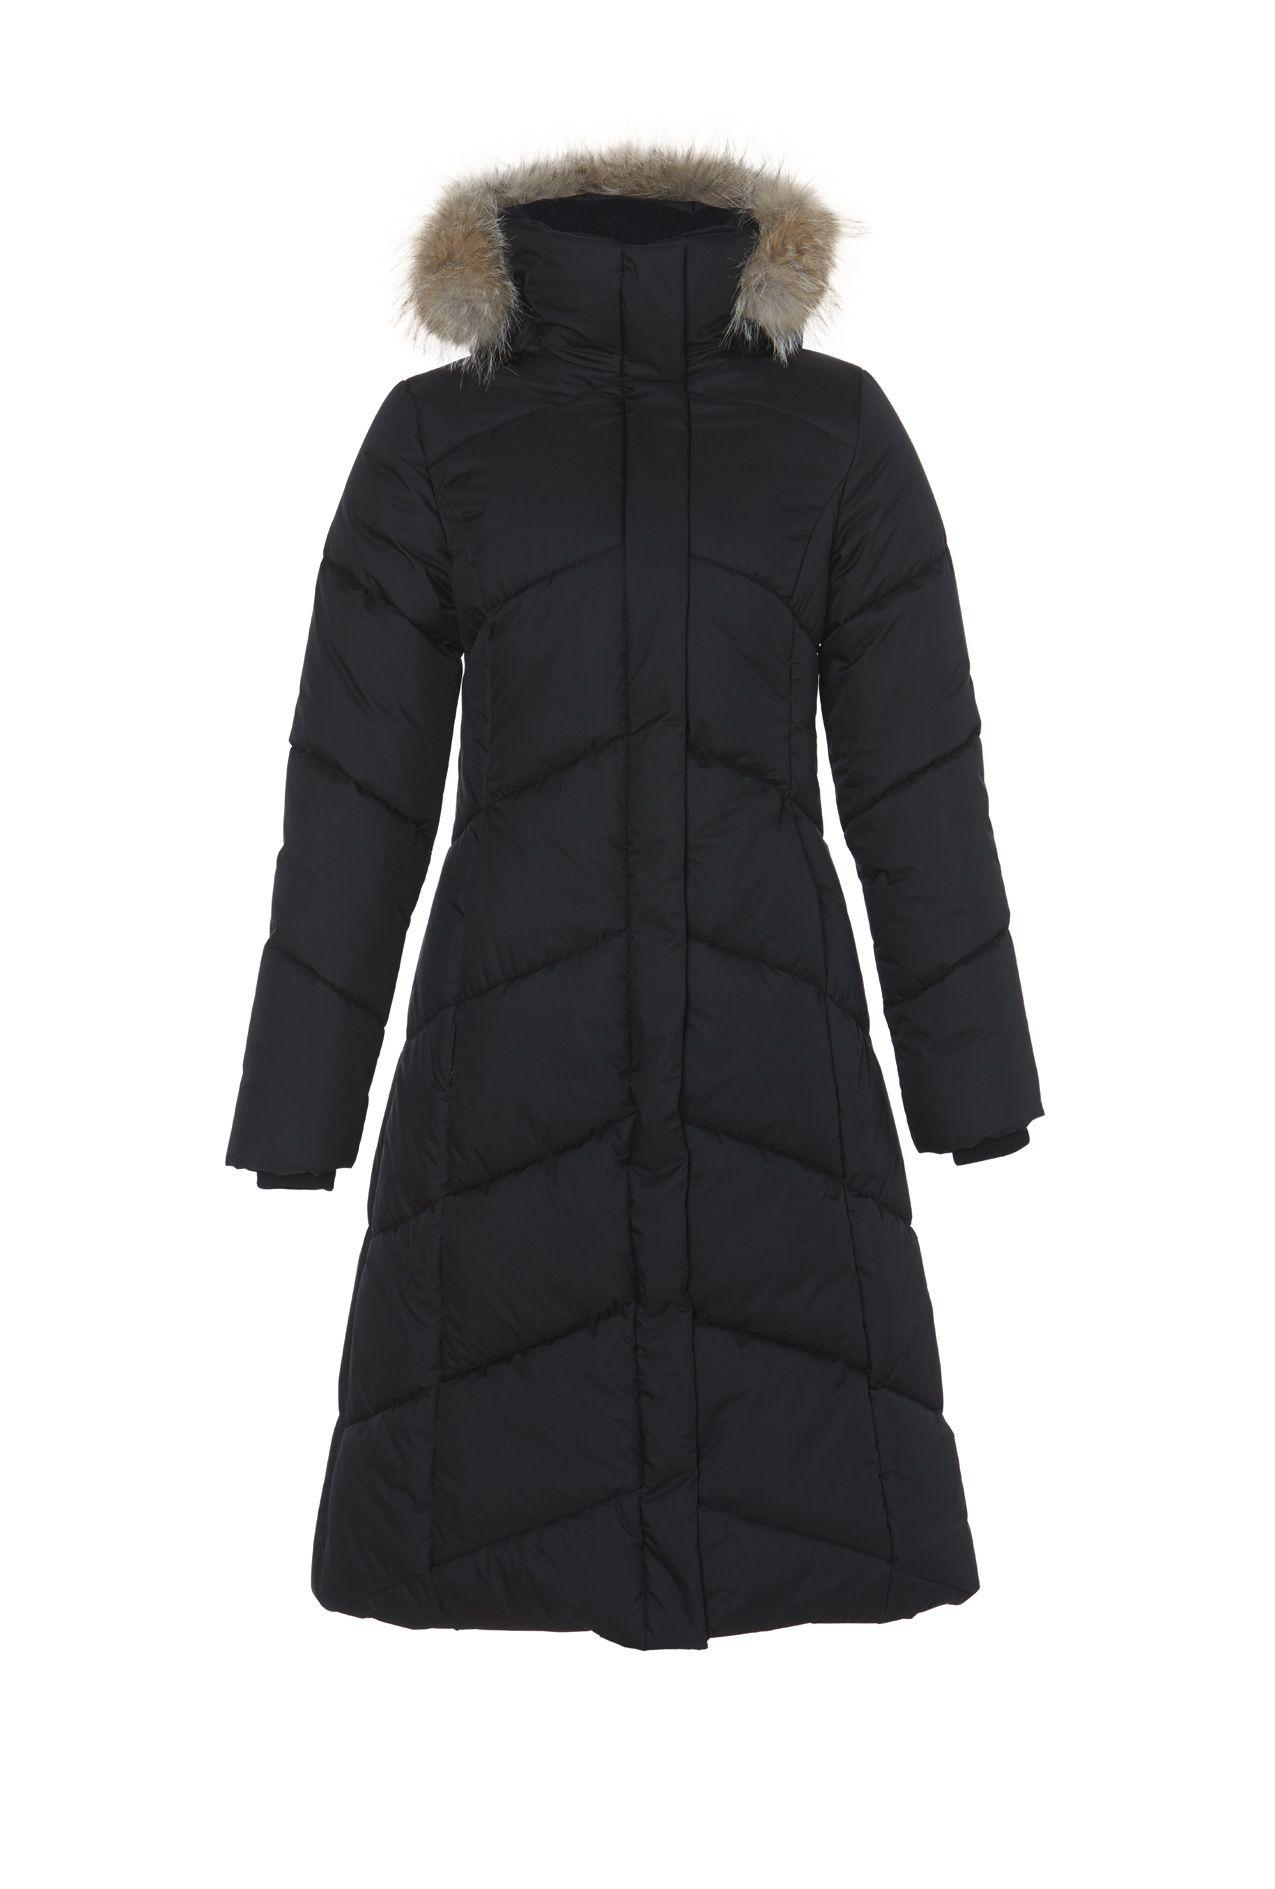 manteaux chauds femmes kanuk mode manteau chaud. Black Bedroom Furniture Sets. Home Design Ideas